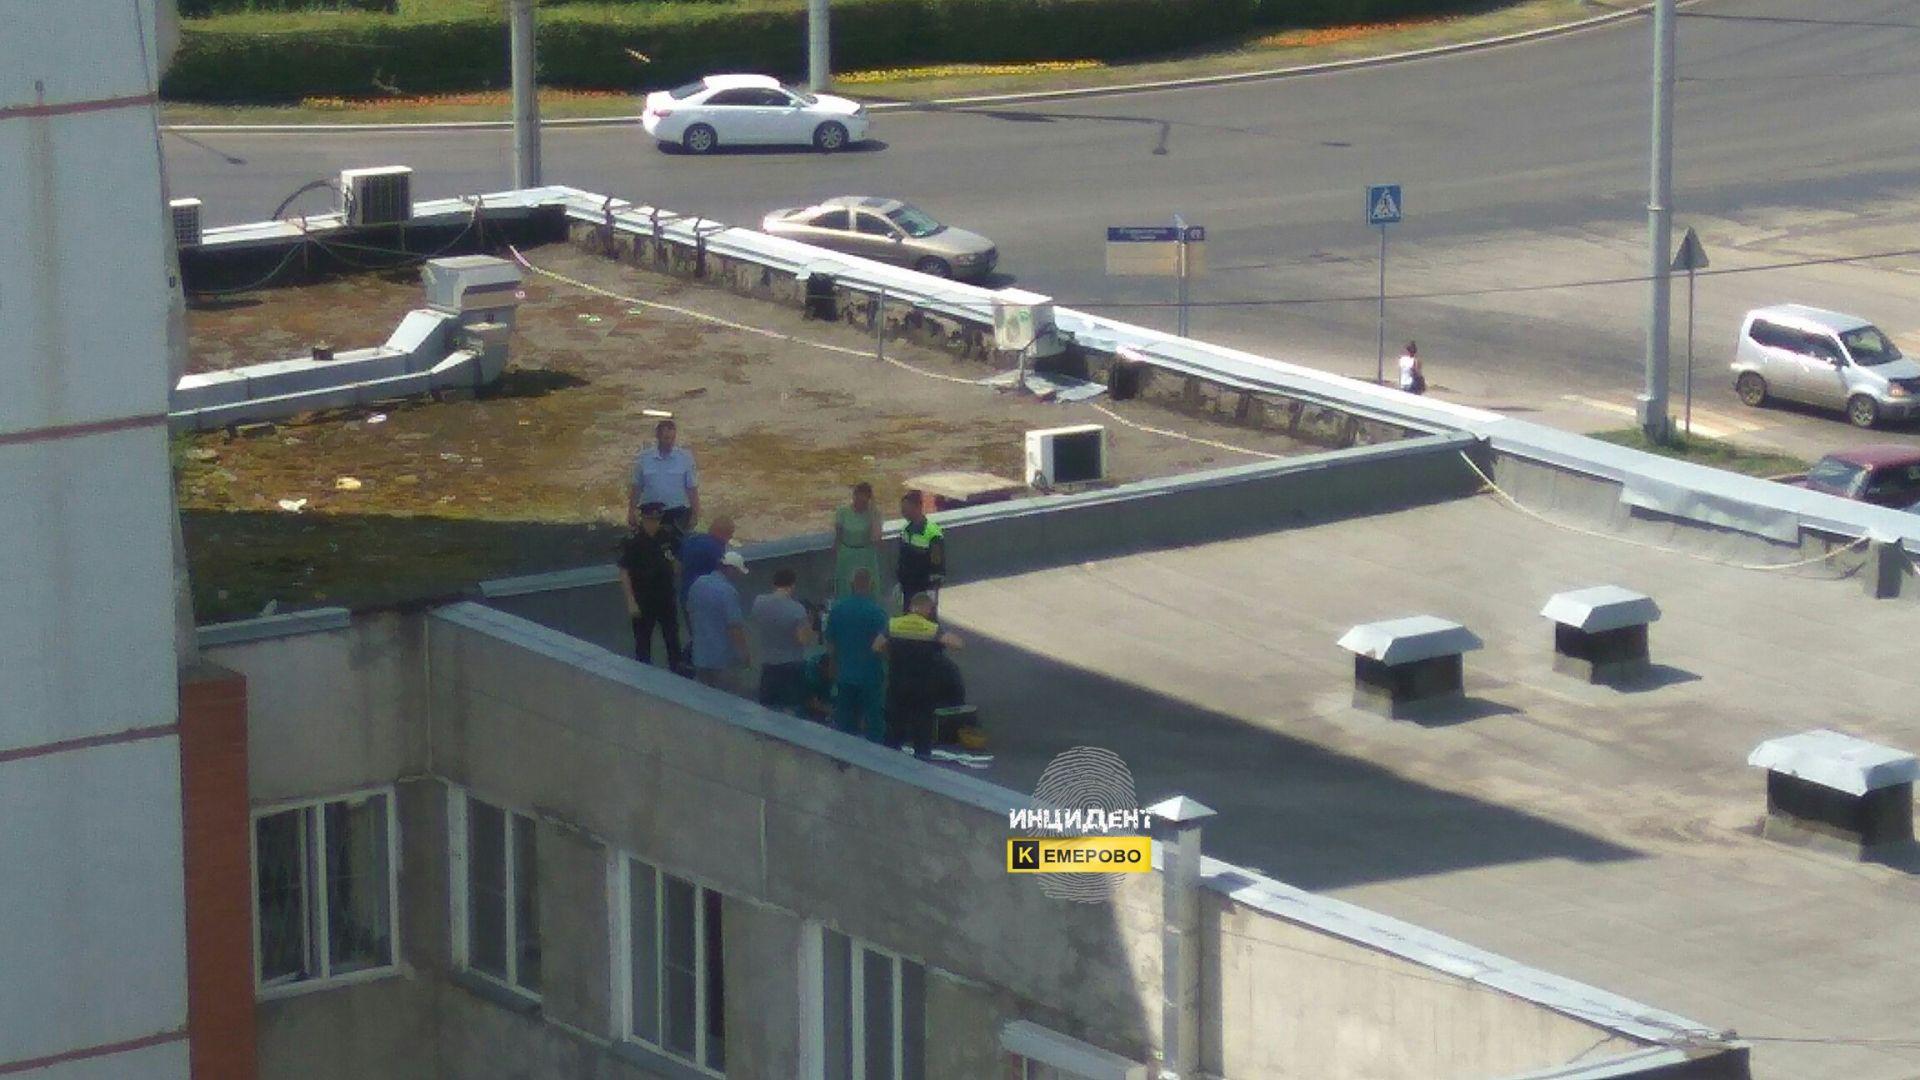 ВКемерово женщина упала сшестого этажа, когда спускалась посвязанным простыням